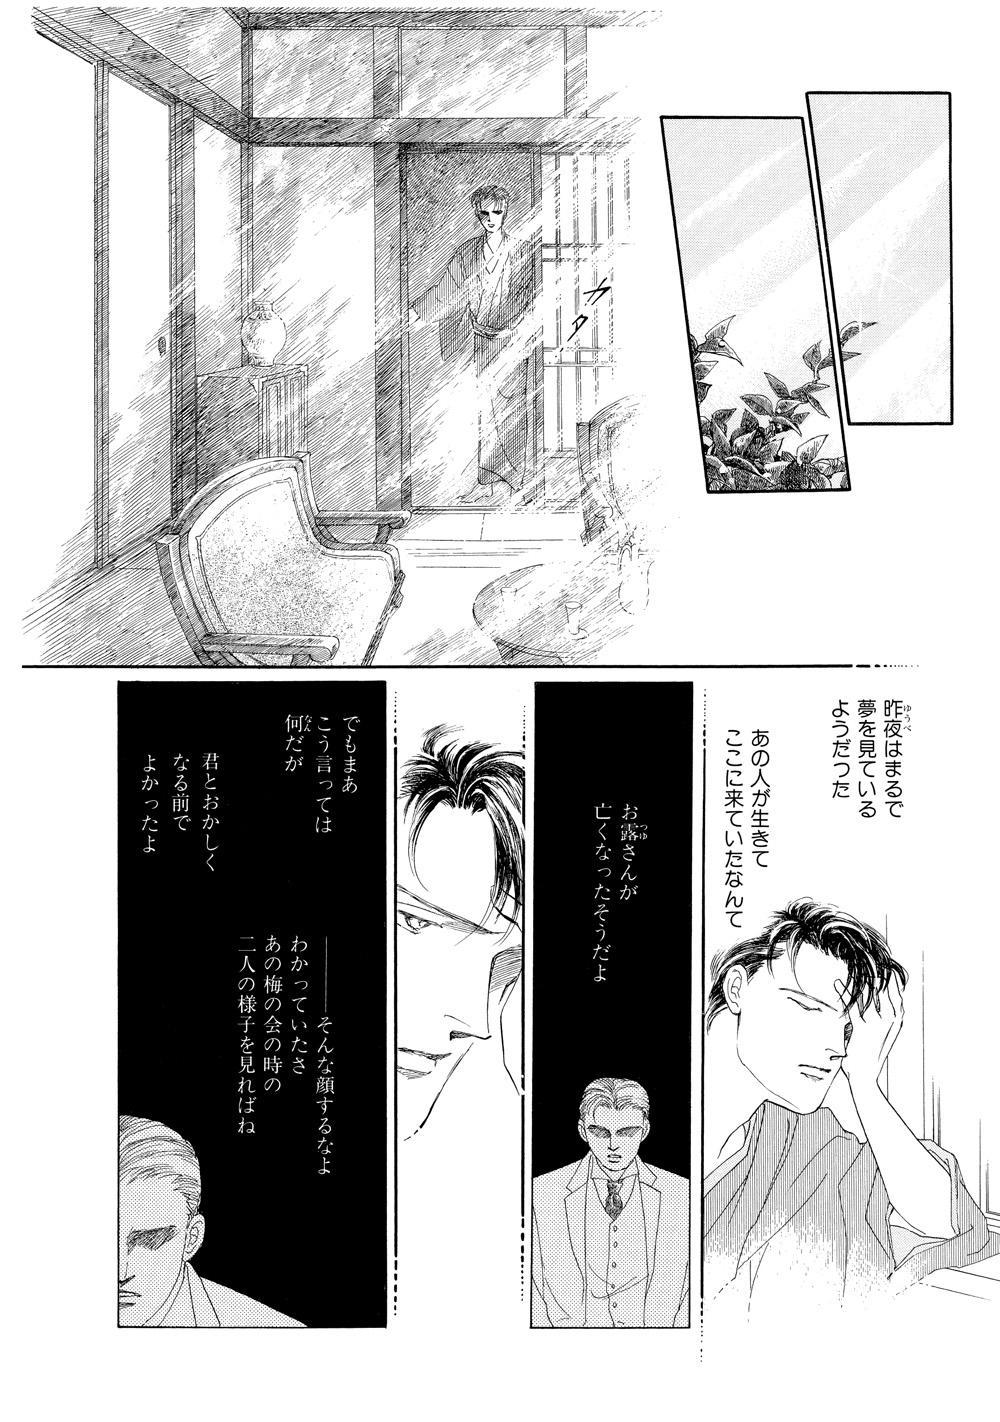 牡丹灯籠_020.jpg